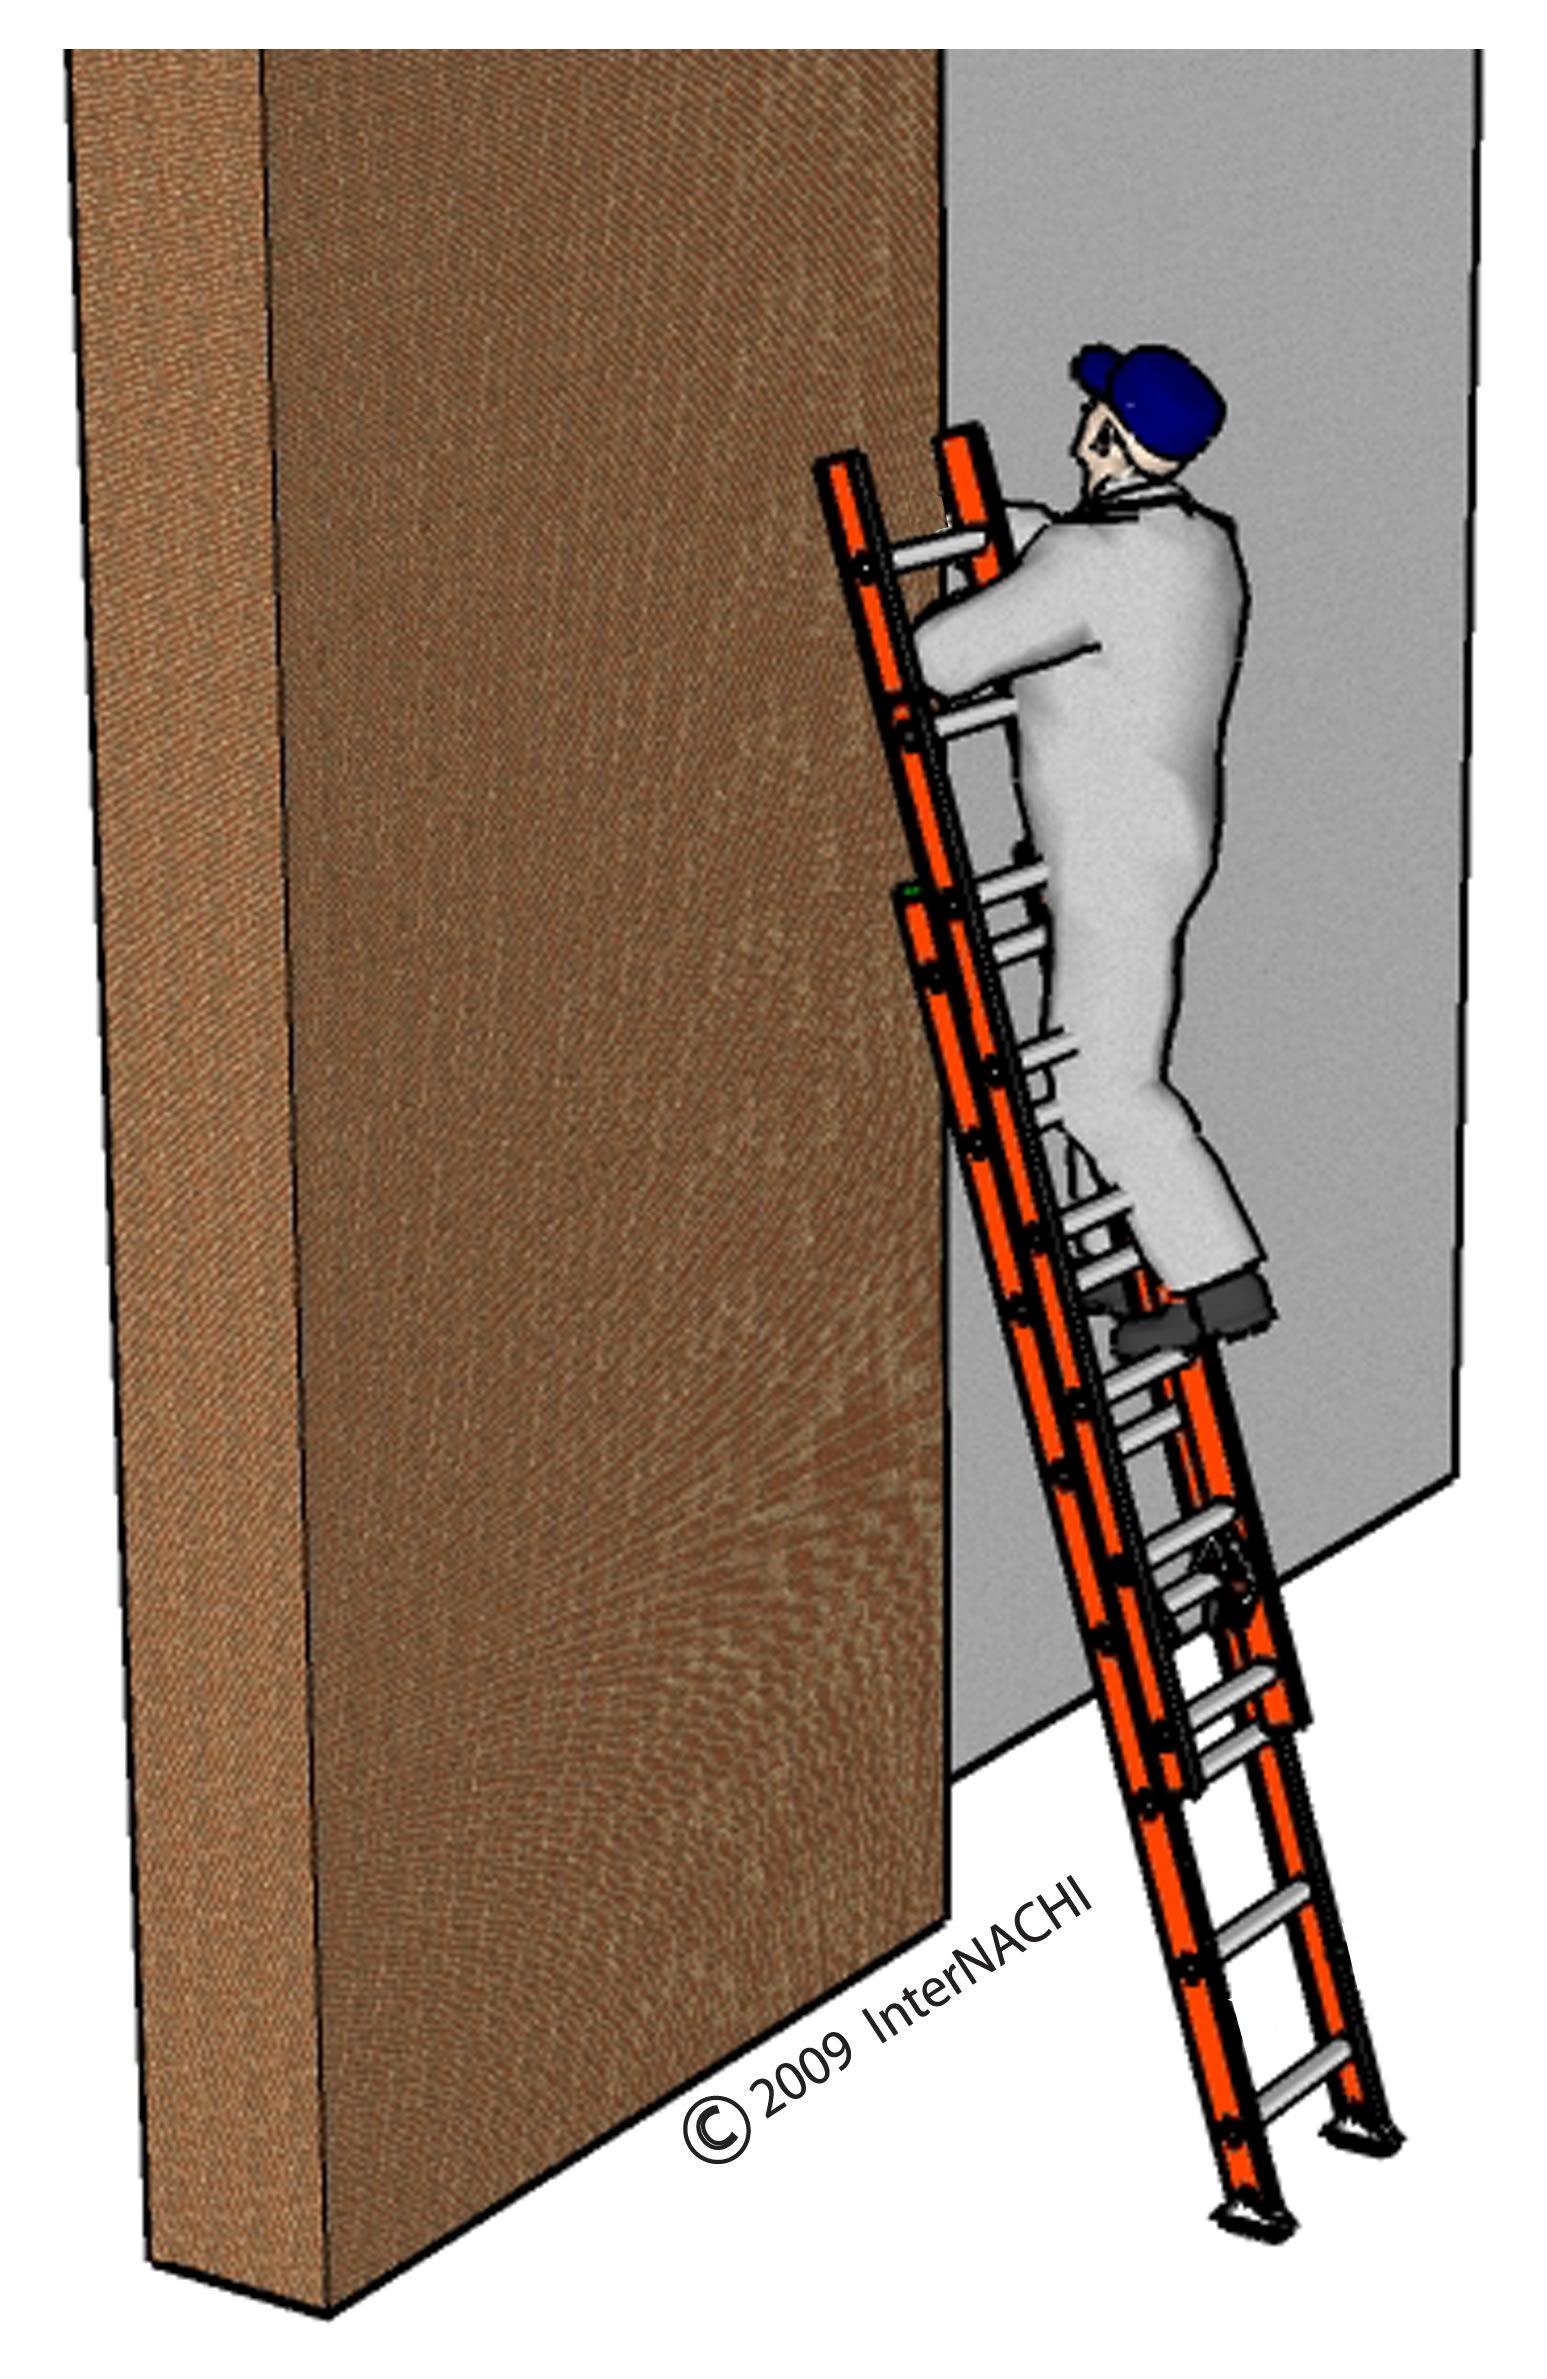 Proper ladder use.